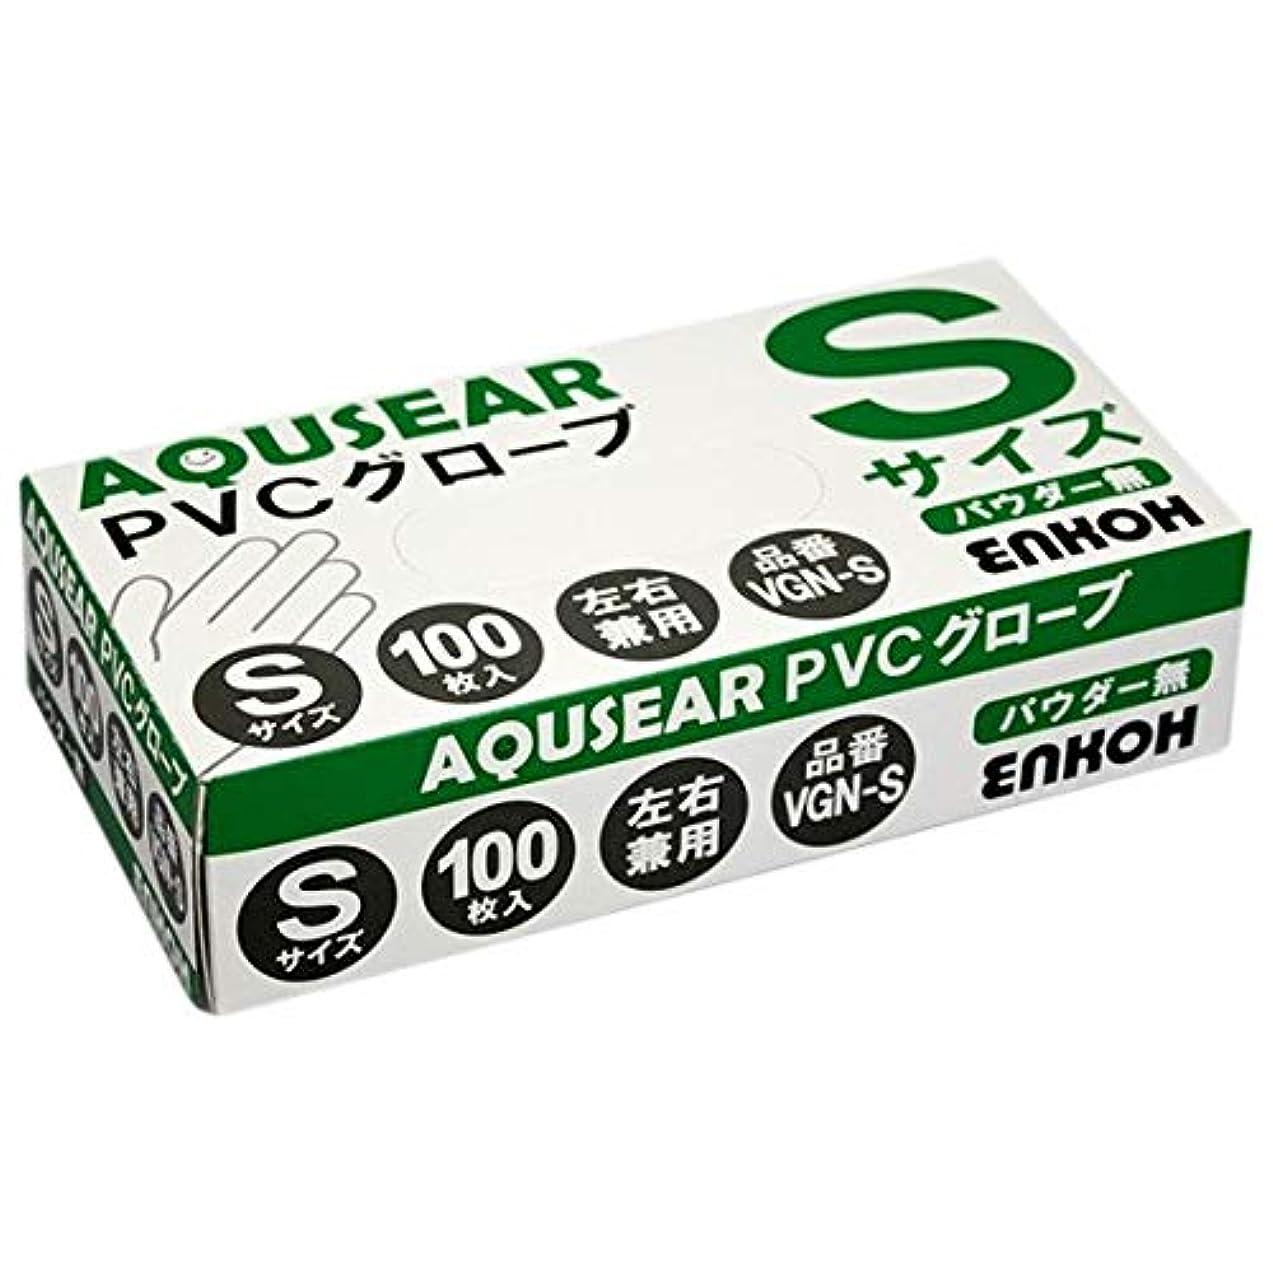 罰するシーサイドマイクロフォンAQUSEAR PVC プラスチックグローブ Sサイズ パウダー無 VGN-S 100枚×20箱